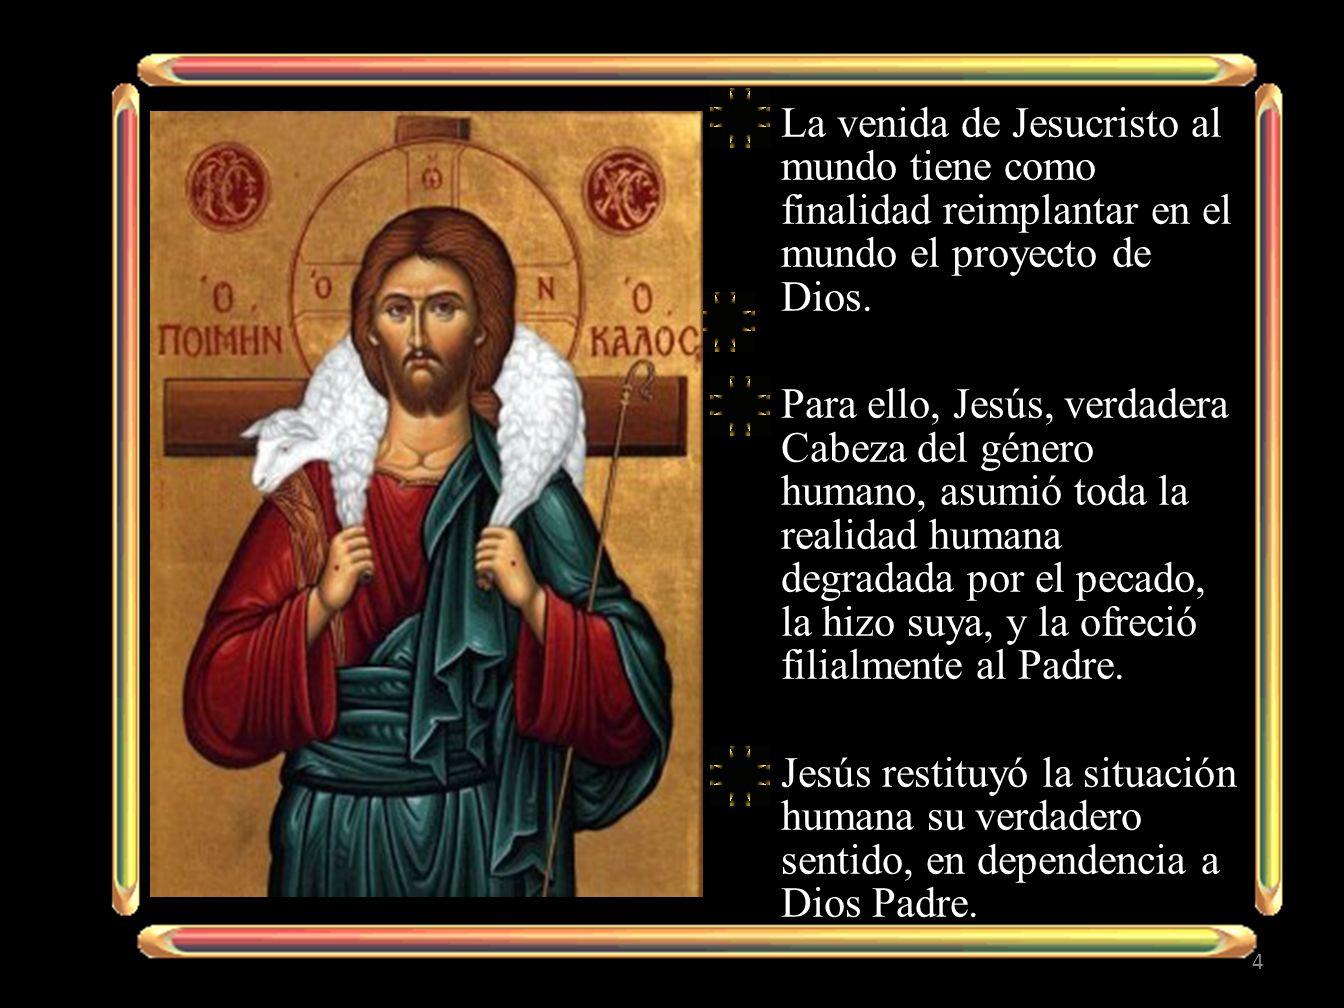 La venida de Jesucristo al mundo tiene como finalidad reimplantar en el mundo el proyecto de Dios. Para ello, Jesús, verdadera Cabeza del género human